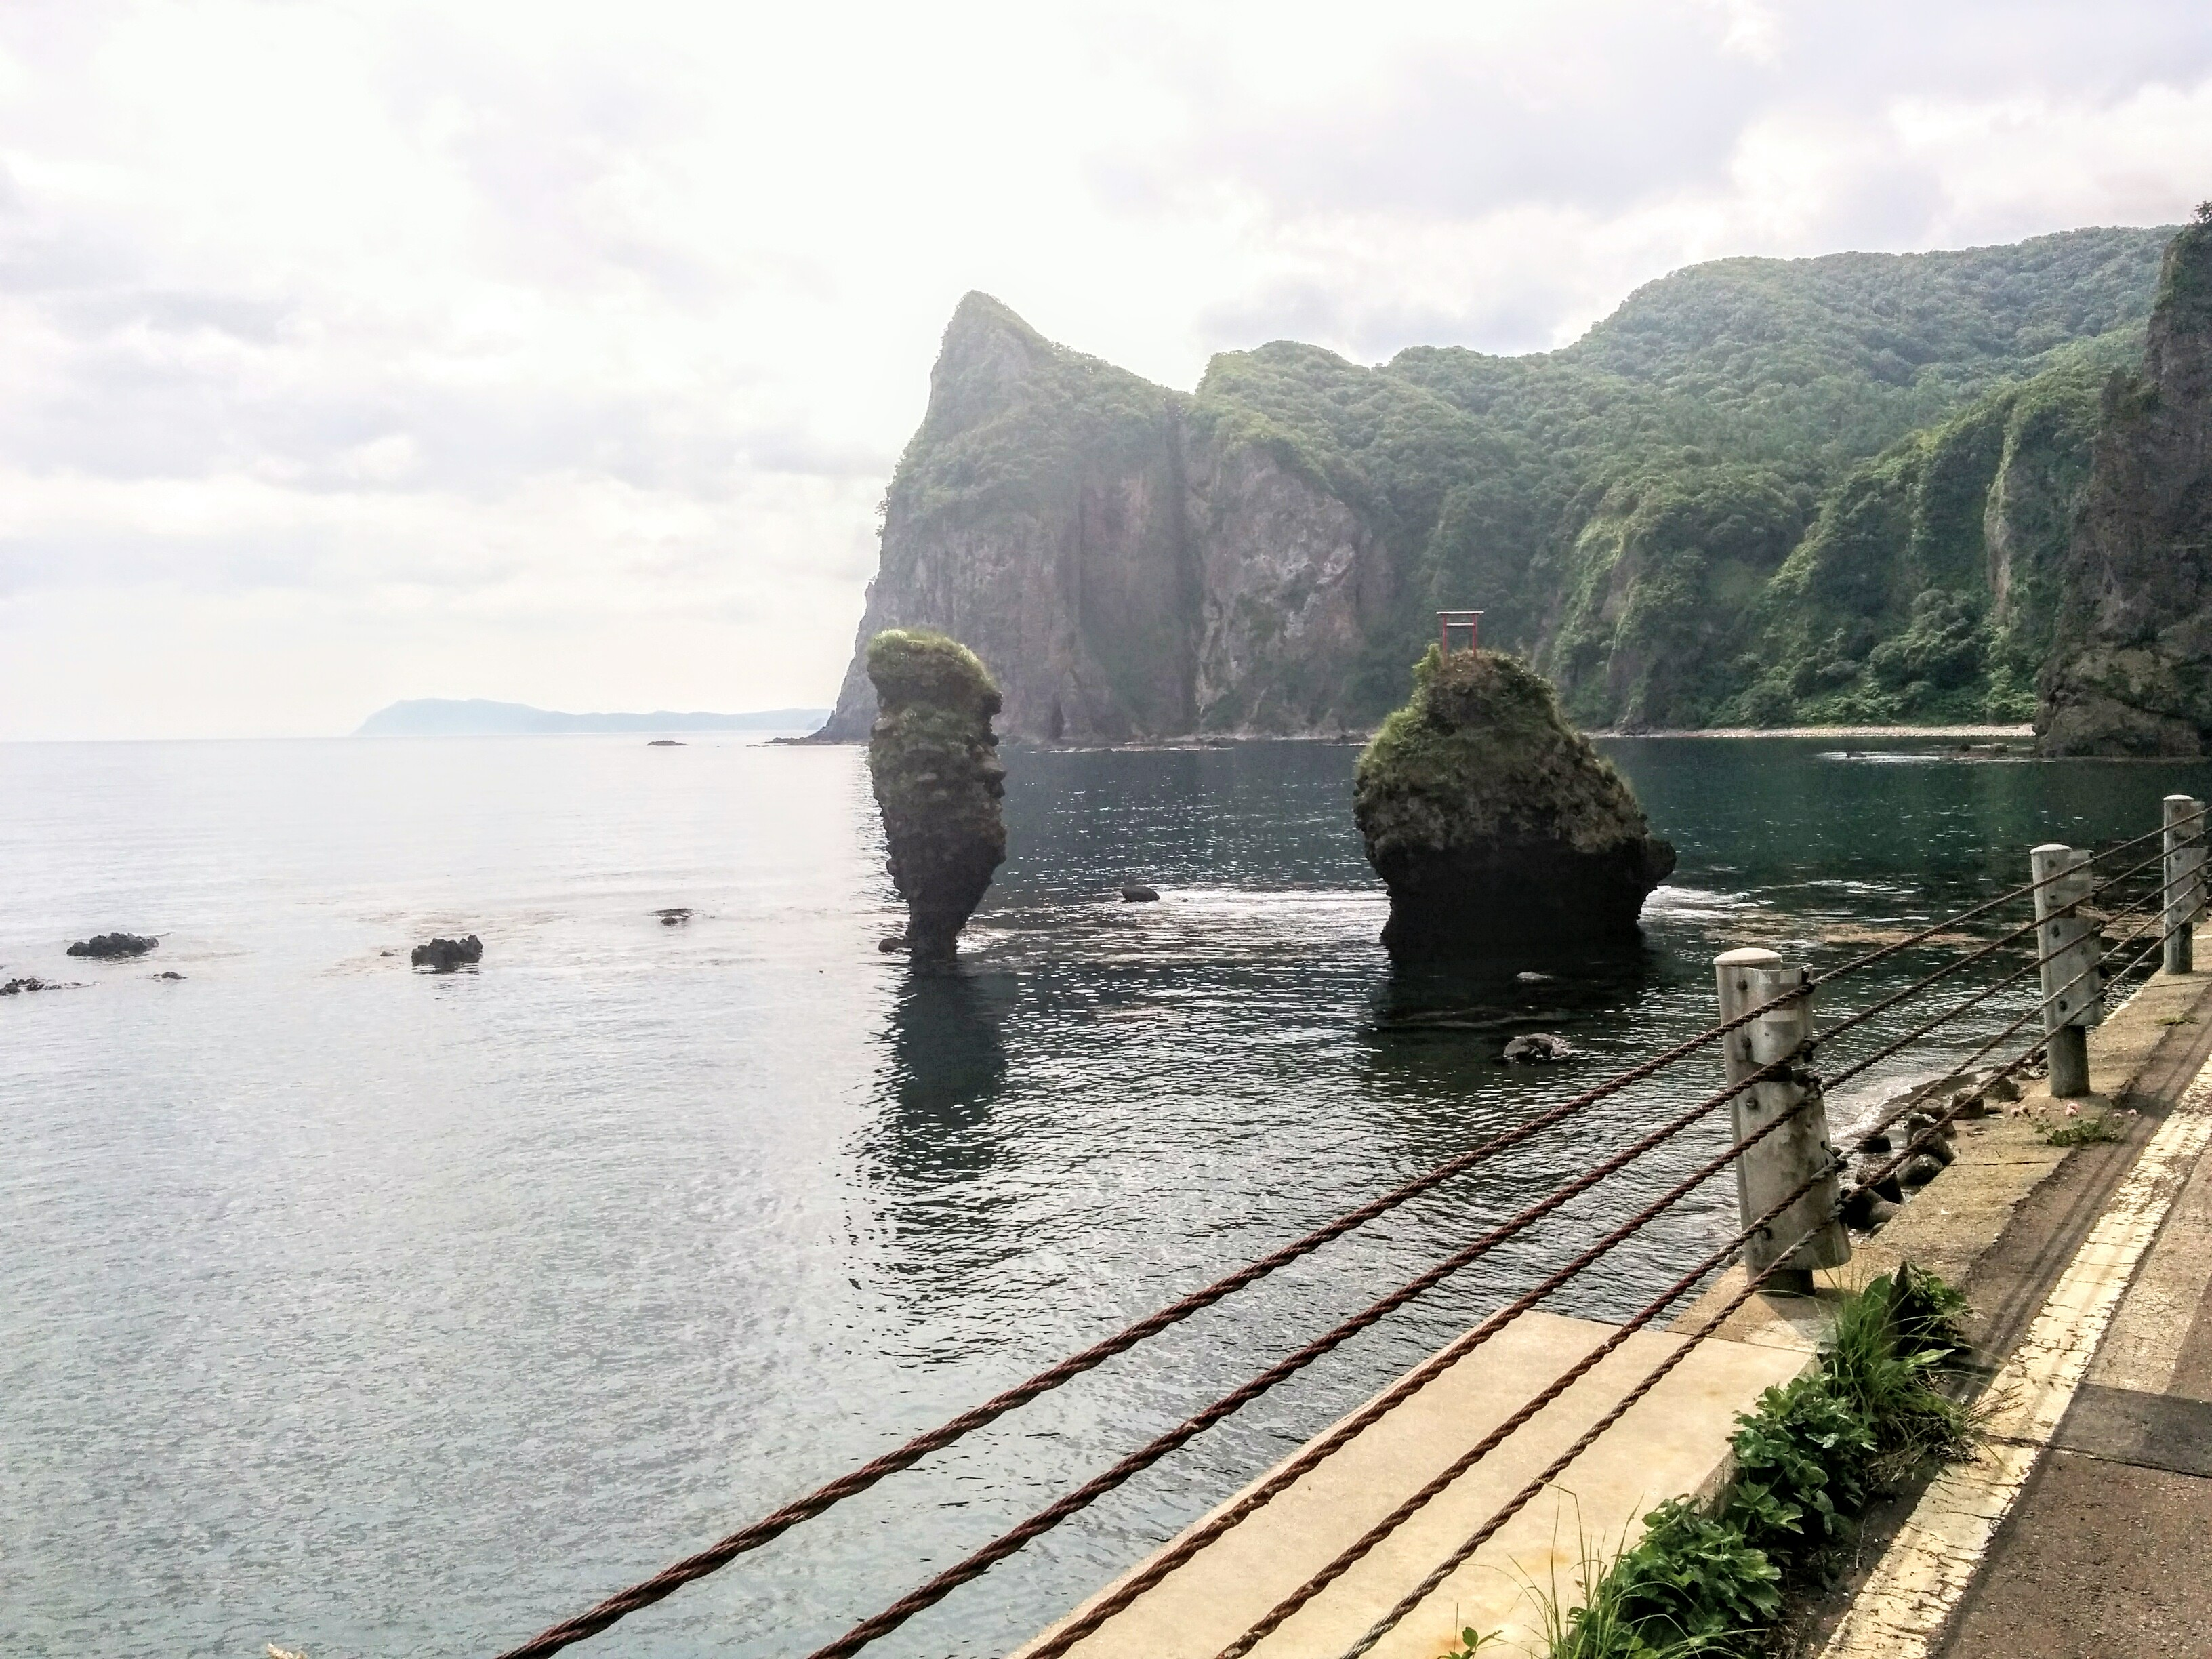 【積丹半島セタカムイライン】大黒岩とえびす岩です。